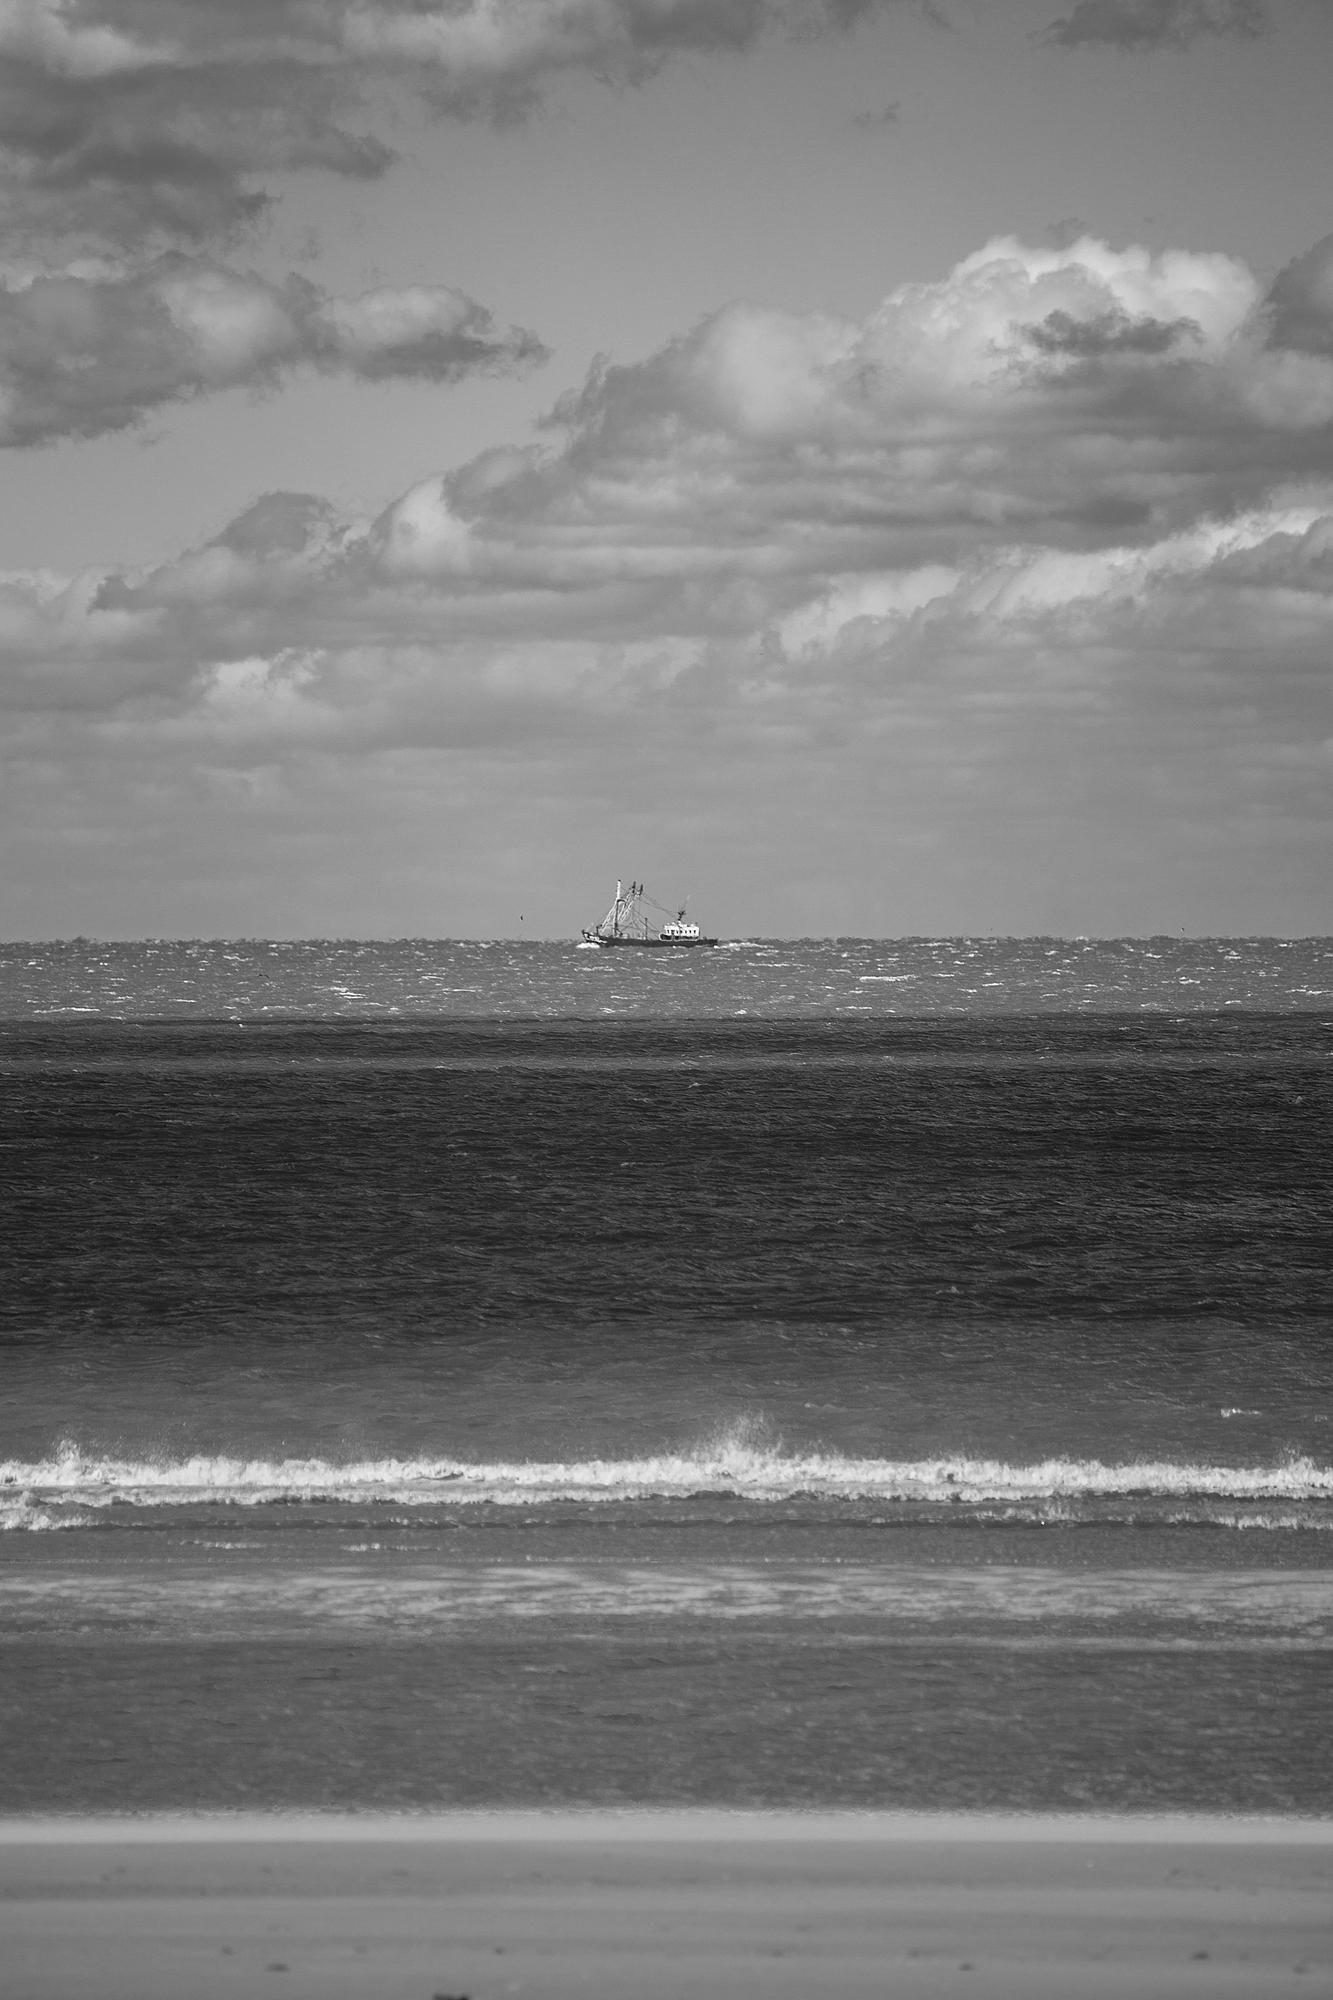 The Trawler